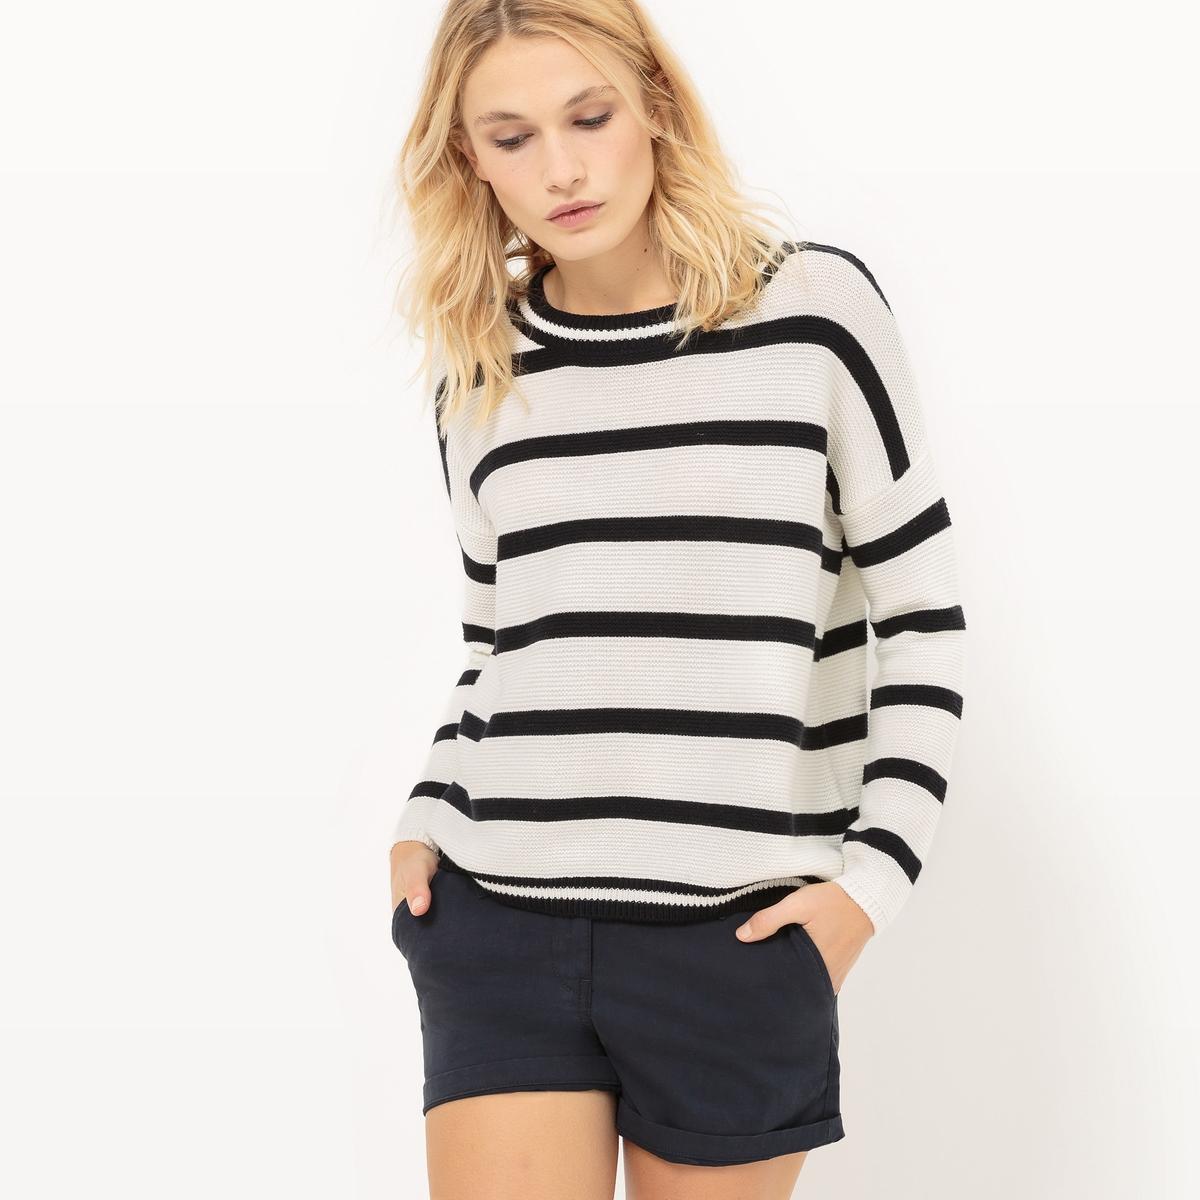 Пуловер с круглым вырезом из хлопкаМатериал : 40% акрила, 60% хлопка Длина рукава : длинные рукава Форма воротника : круглый вырез Покрой пуловера : стандартный Рисунок : в полоску<br><br>Цвет: экрю/ темно-синий<br>Размер: 2(M)